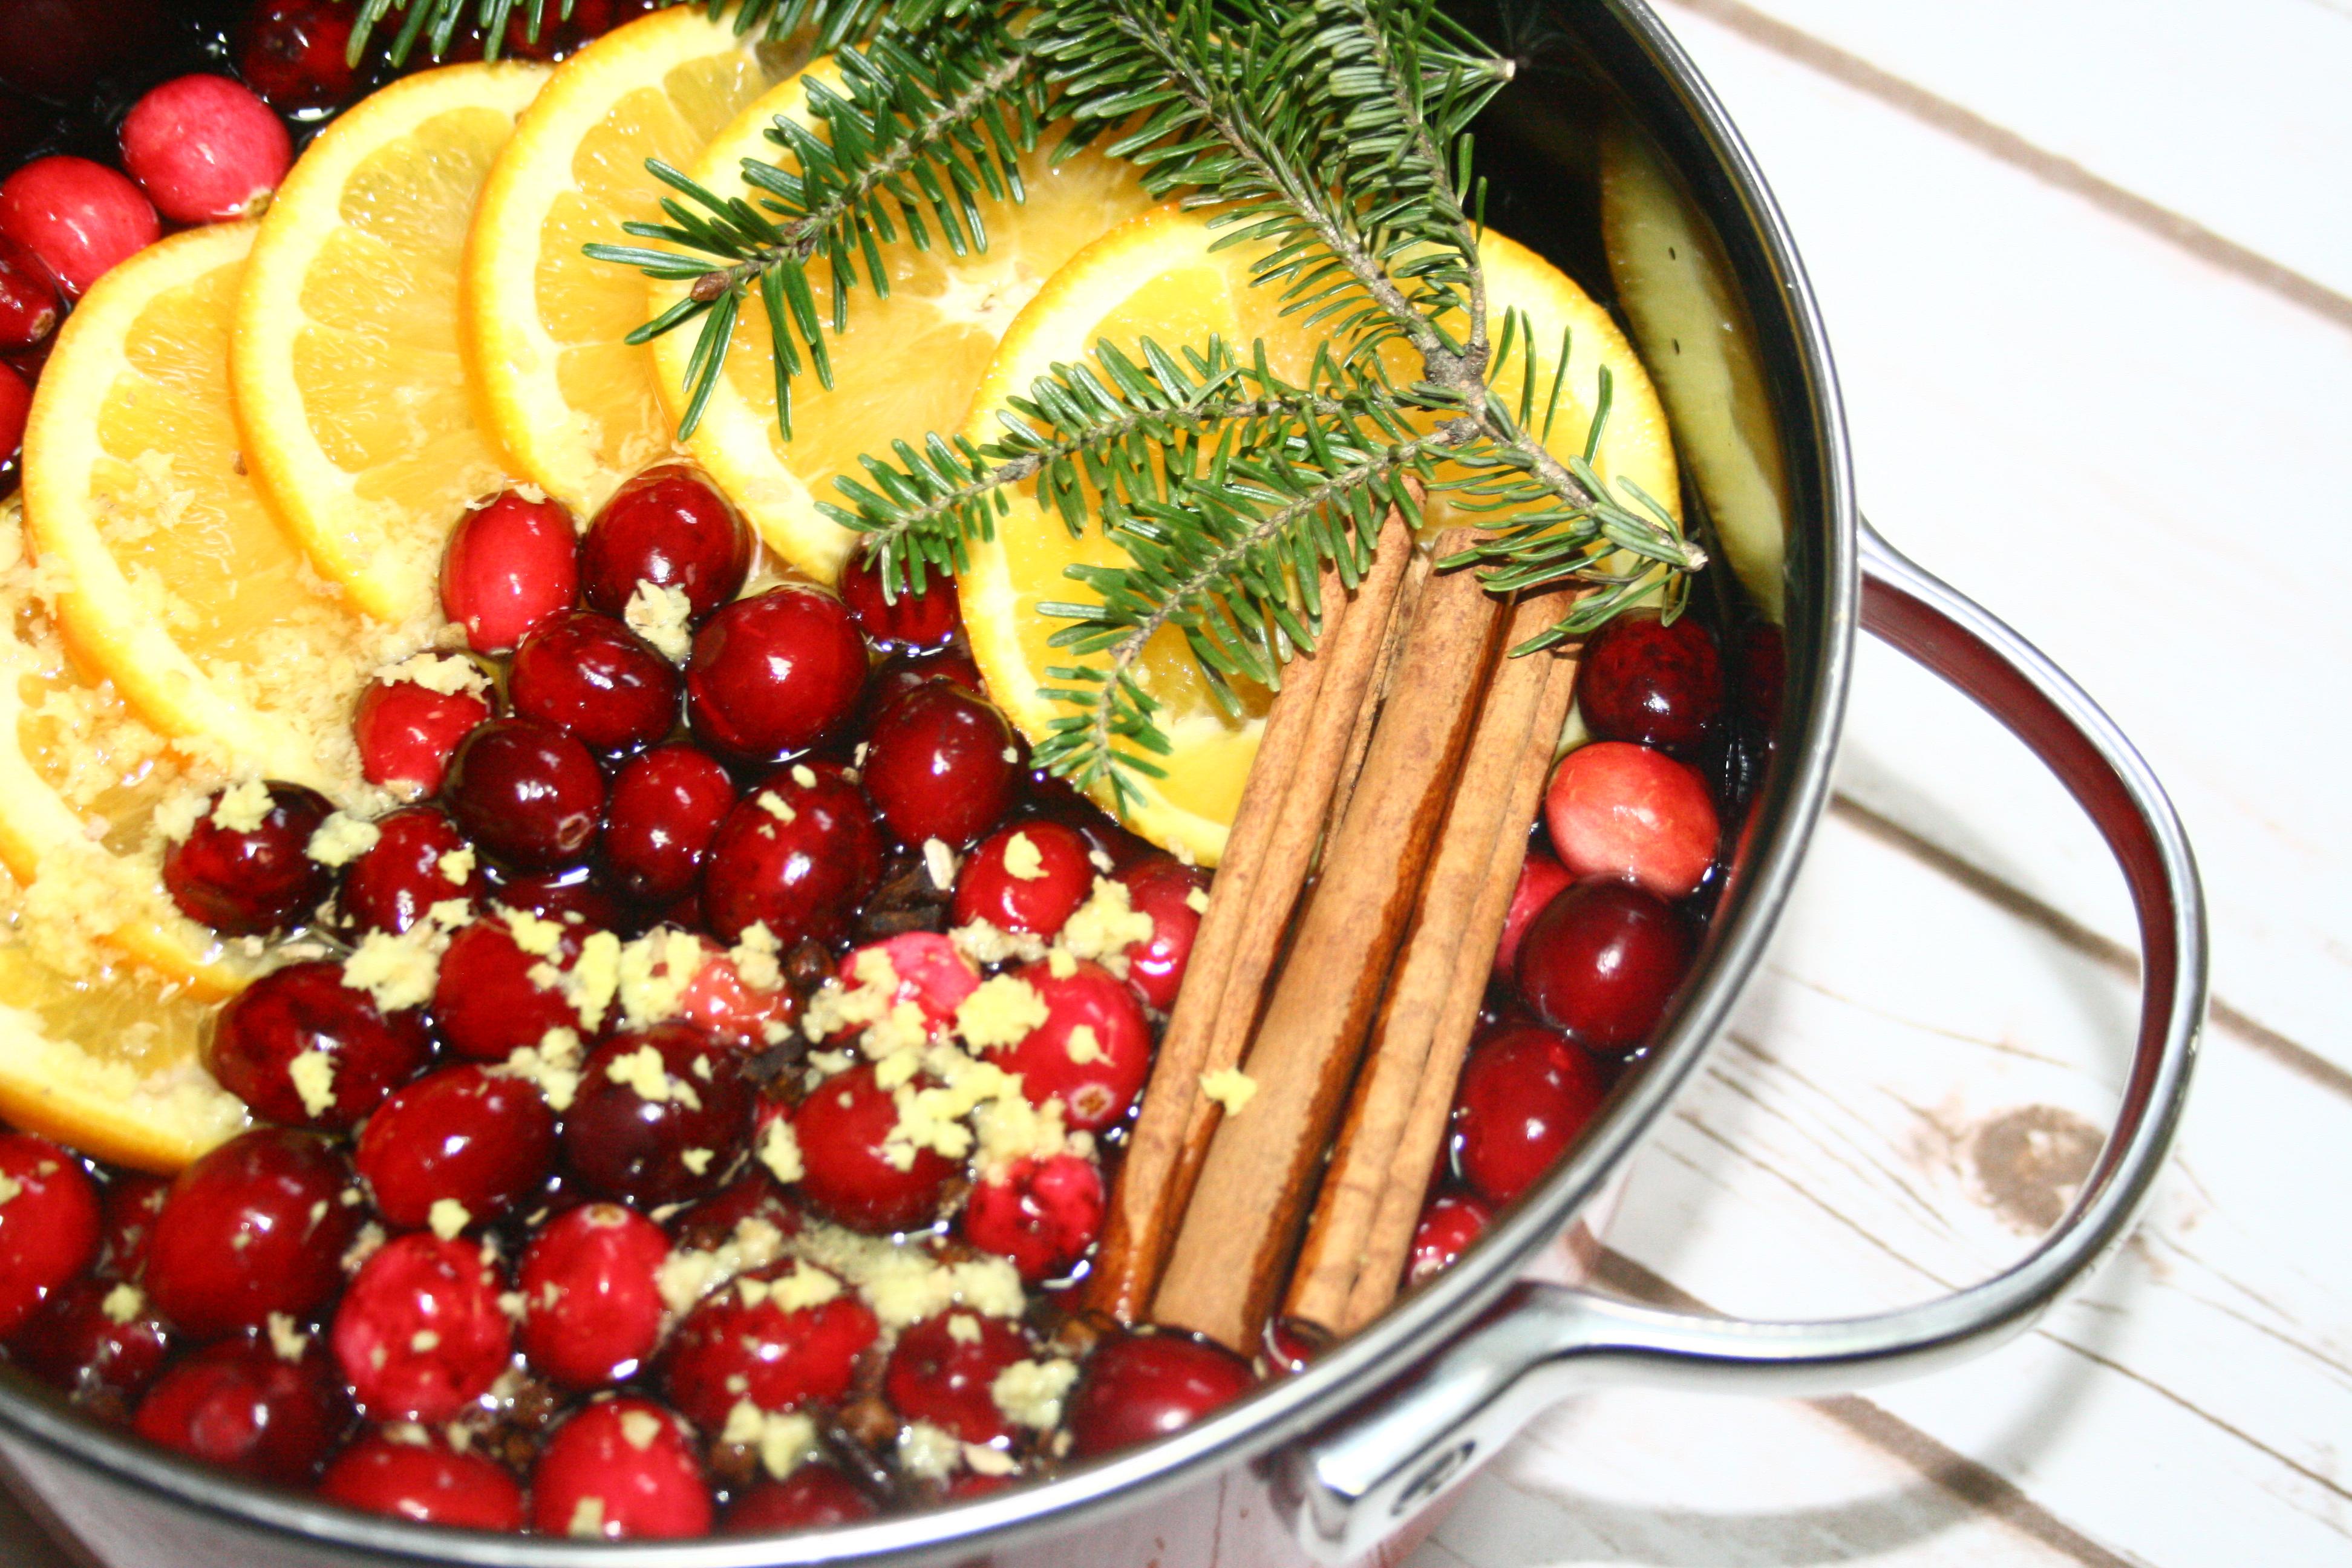 Stovetop Christmas Potpourri